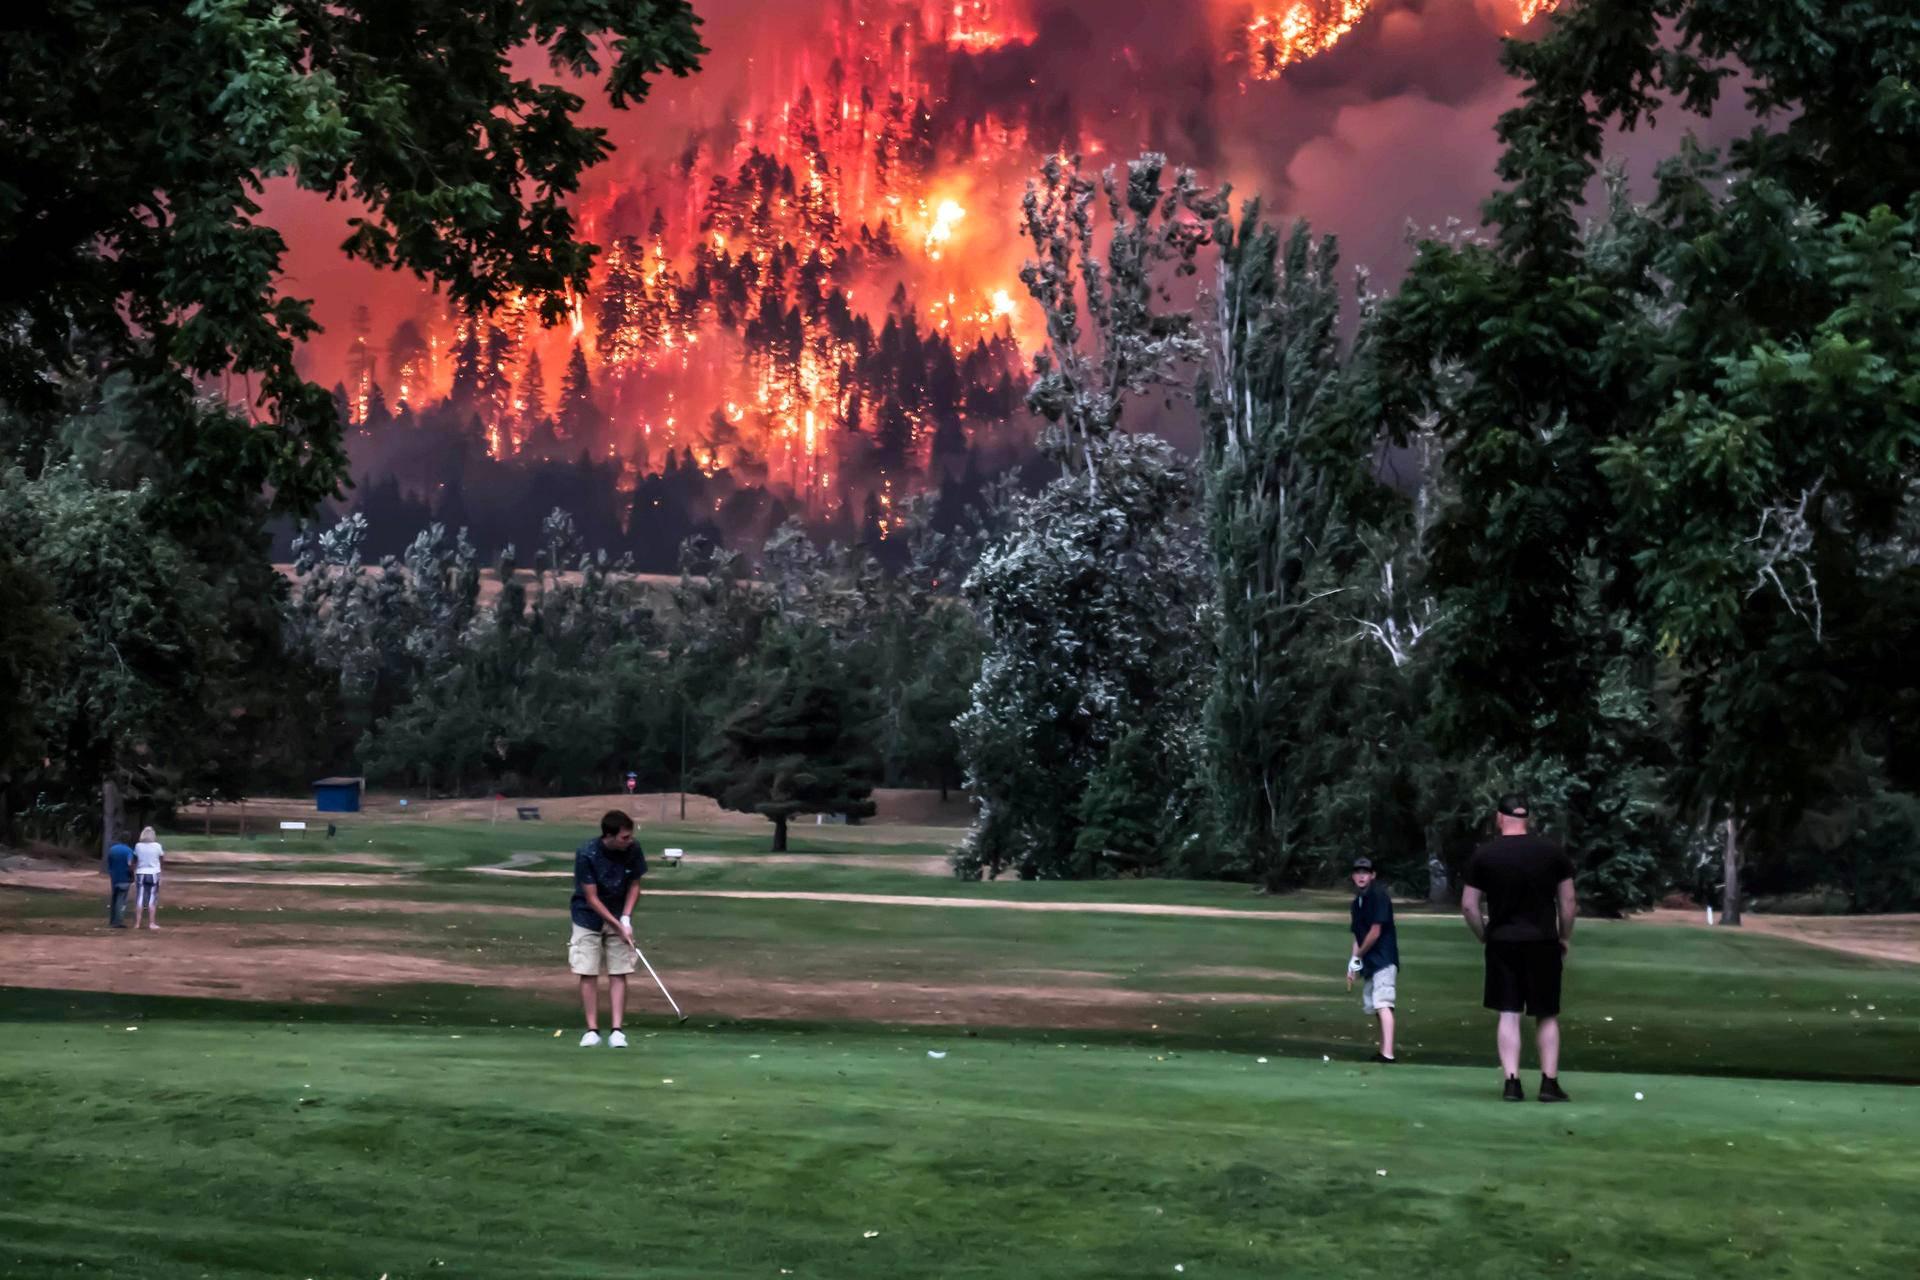 Golffarit jatkavat kierrostaan North Bonnevillessä Washingtonin osavaltiossa maanantaina, vaikka läheisellä Eagle Creekin alueella riehuu metsäpalo.